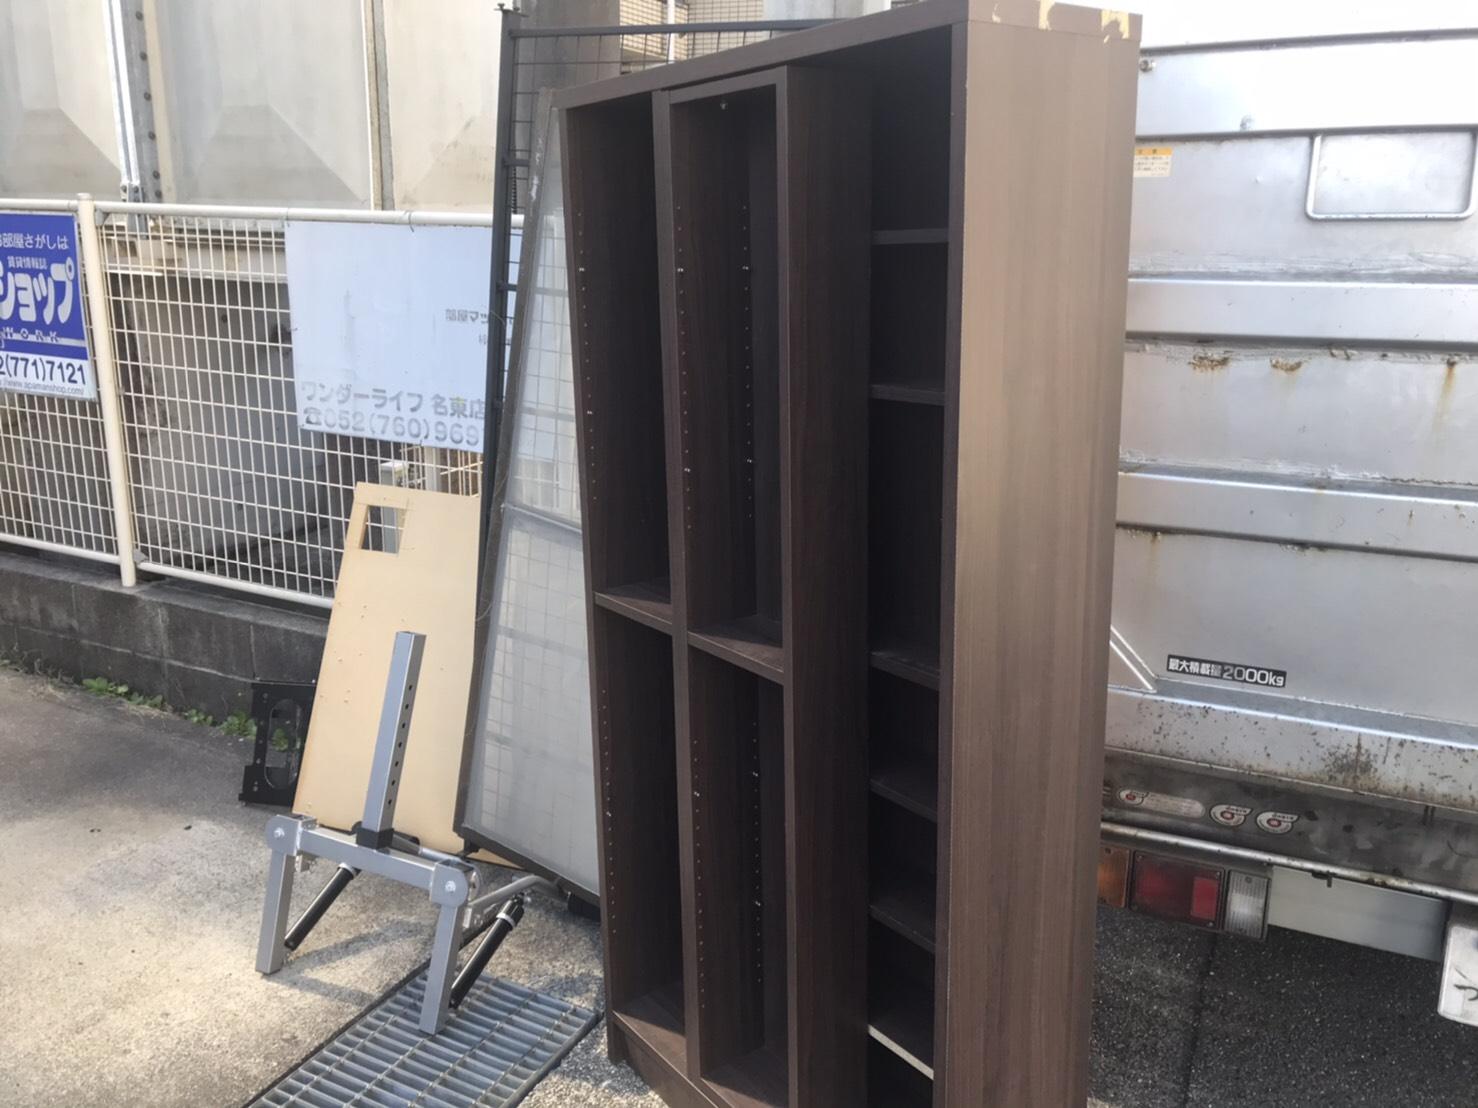 愛知県名古屋市の本棚の回収前